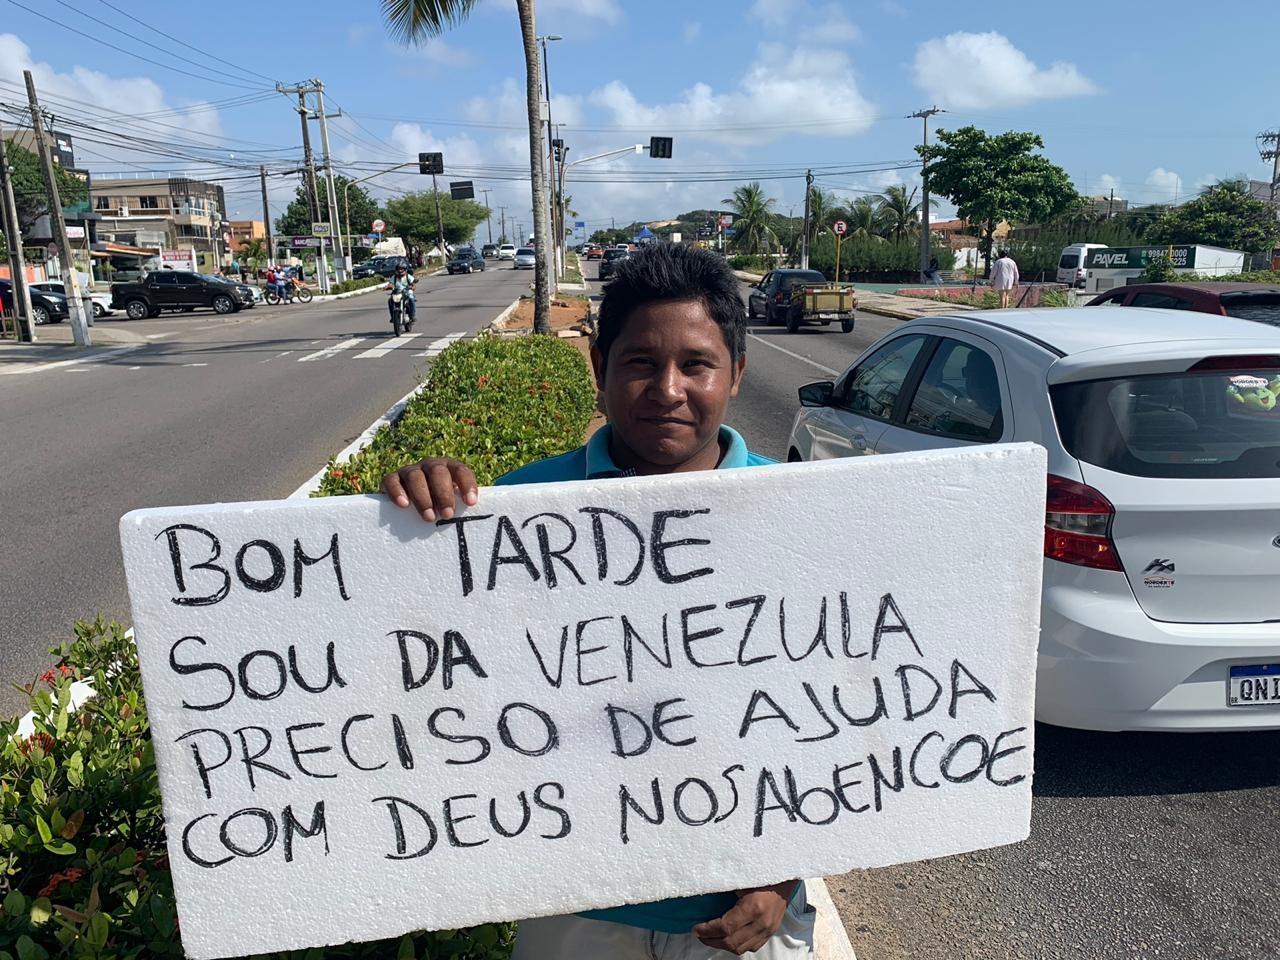 Sem moradia, venezuelanos refugiados pedem dinheiro nas ruas de Natal - Notícias - Plantão Diário